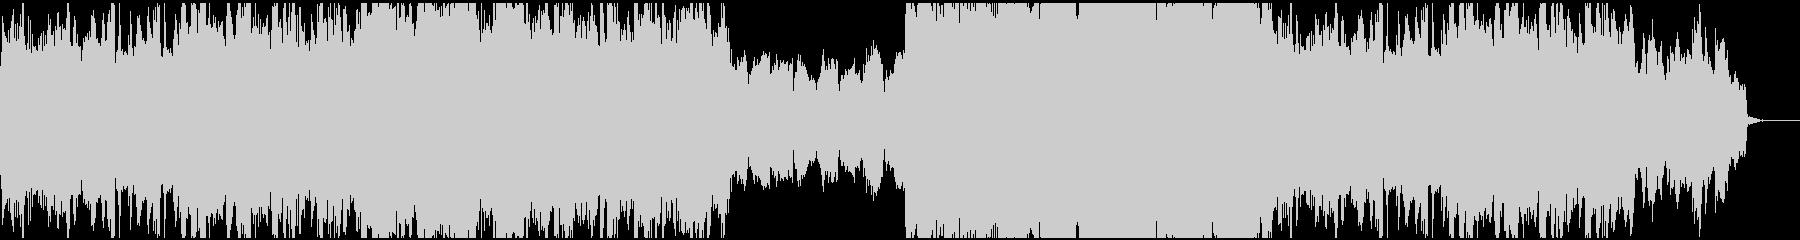 オーケストラとオルガンによる荘厳な序曲の未再生の波形